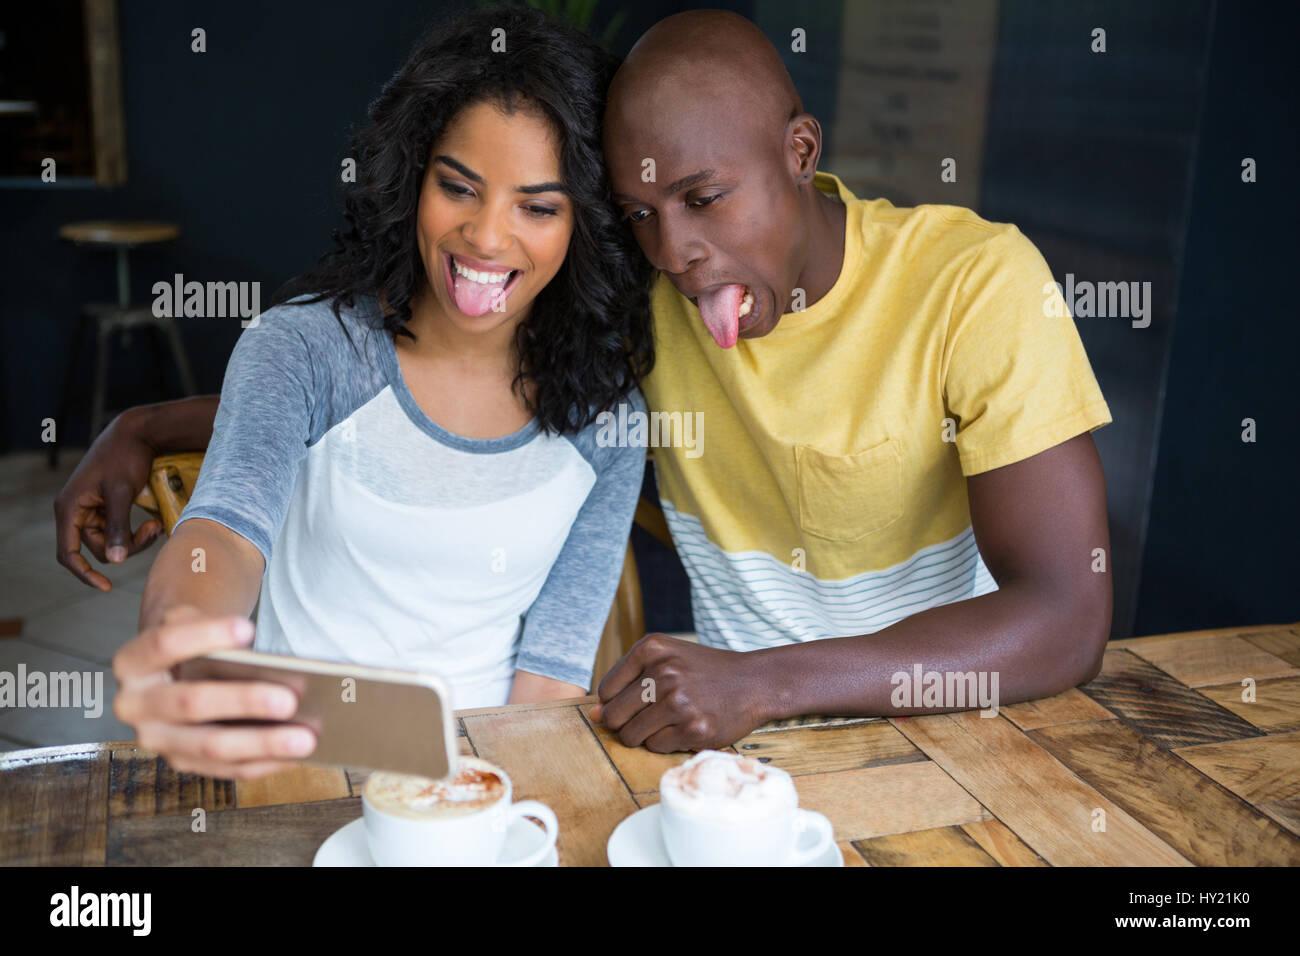 Juguetón pareja haciendo caras mientras toma selfie en la cafetería. Imagen De Stock